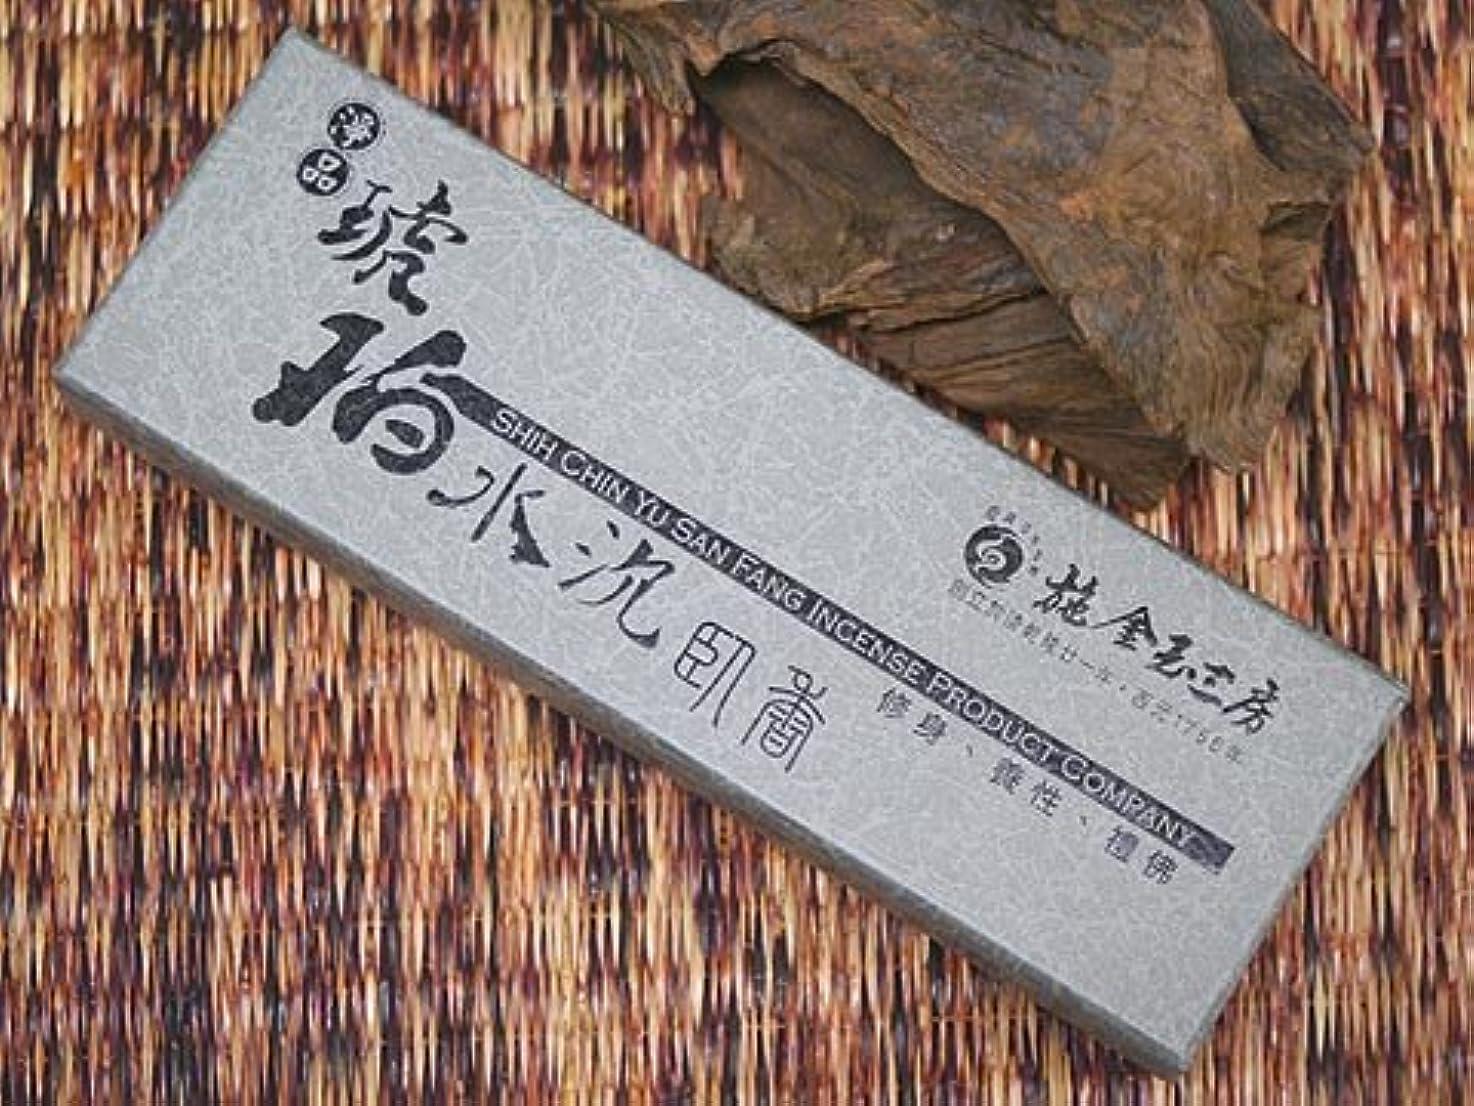 それぞれ銃小麦粉施金玉三房 創業1756年台湾鹿港のお香店「施金玉三房」のお香 琥珀水沈香 大容量約320本入りおタイプ